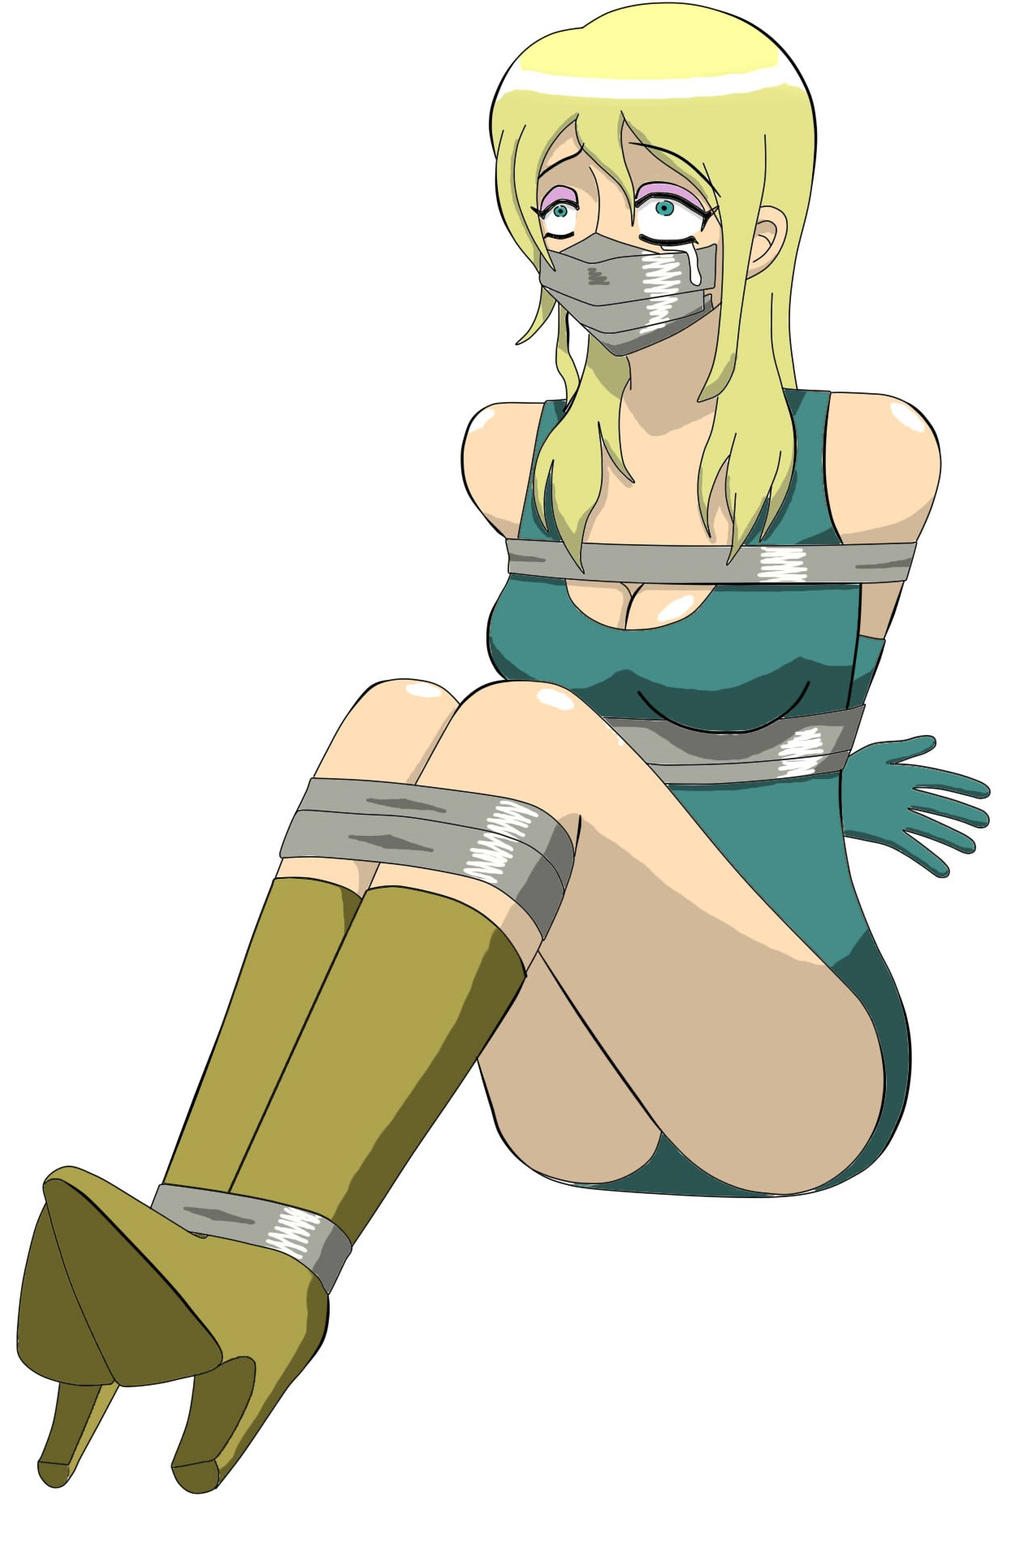 anime vidos sexe, gratuit hentai tube, xxx manga en ligne